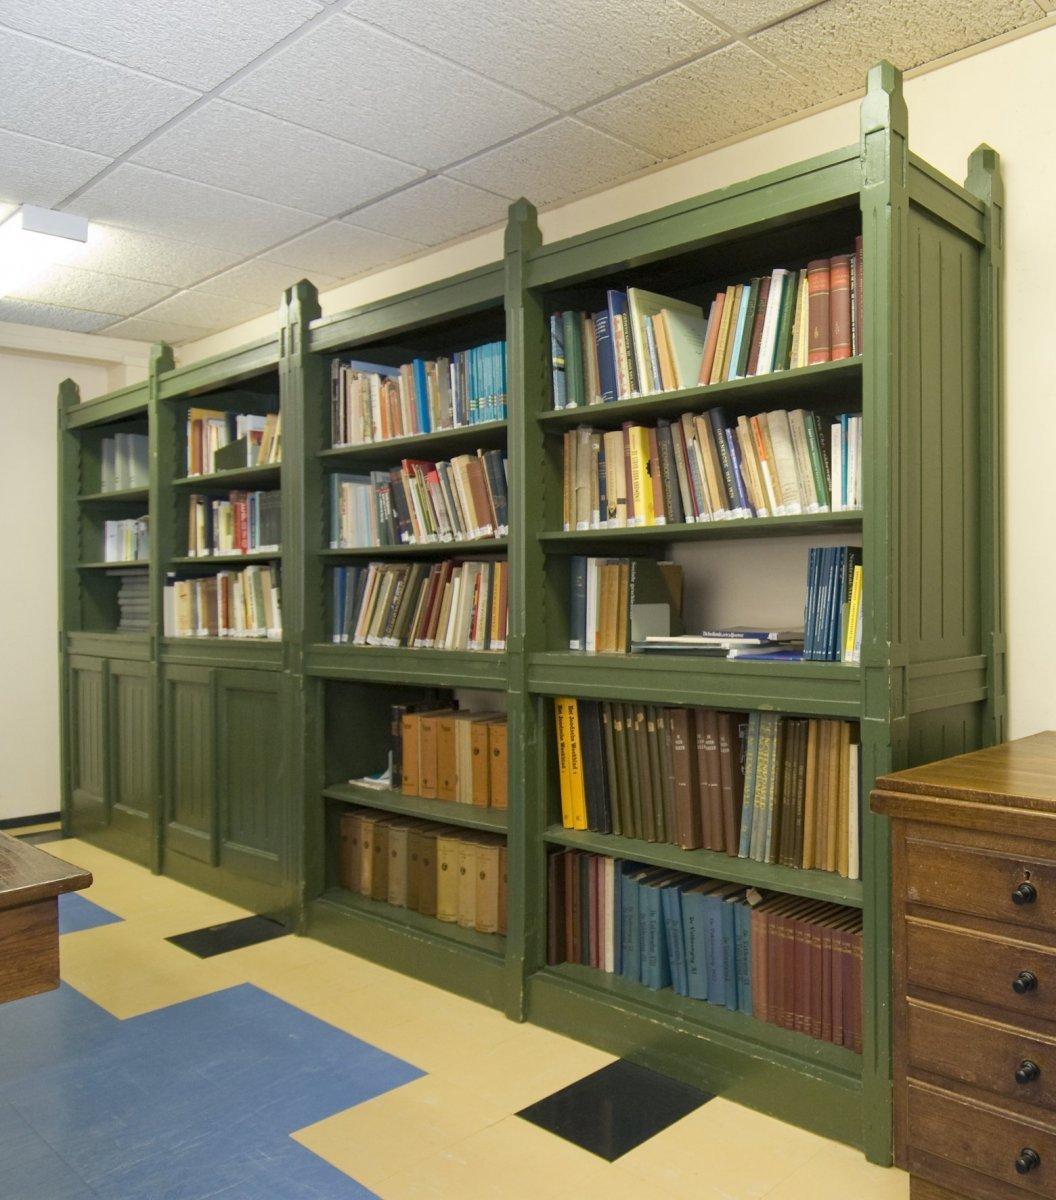 File:Interieur, Bibliotheek, meubilair van Berlage- boekenkasten ...